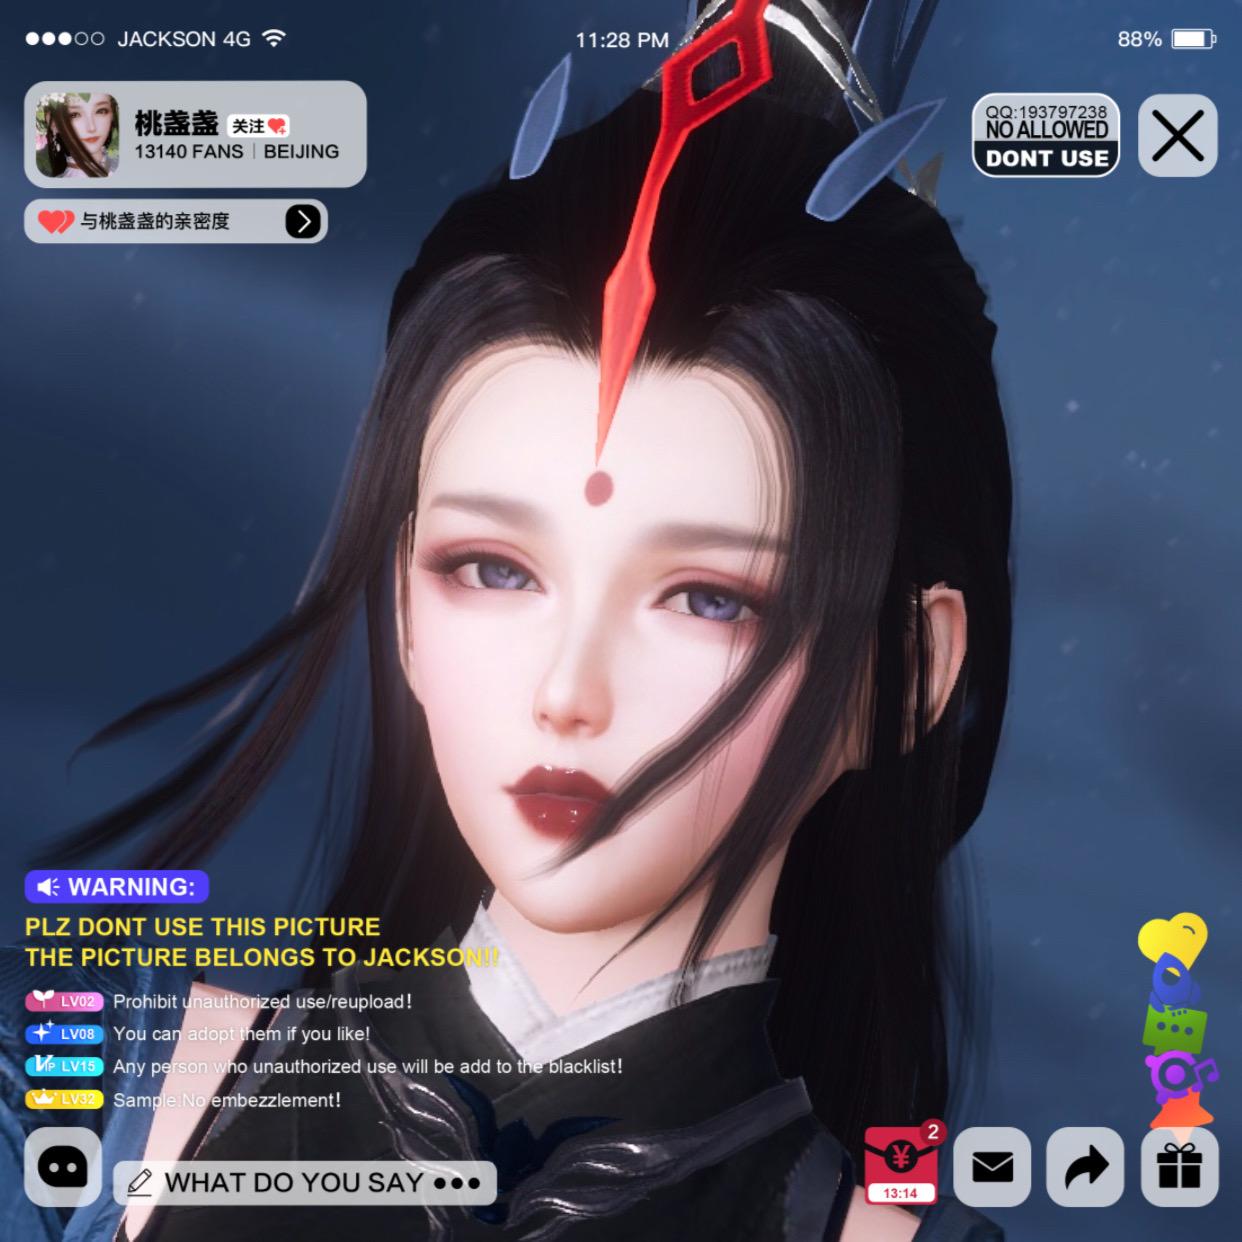 【桃のつは顔を挟みます】【3.0を心配しません】リメイク版の剣網3割の女性が顔のデータを握るのはとても寒いです。